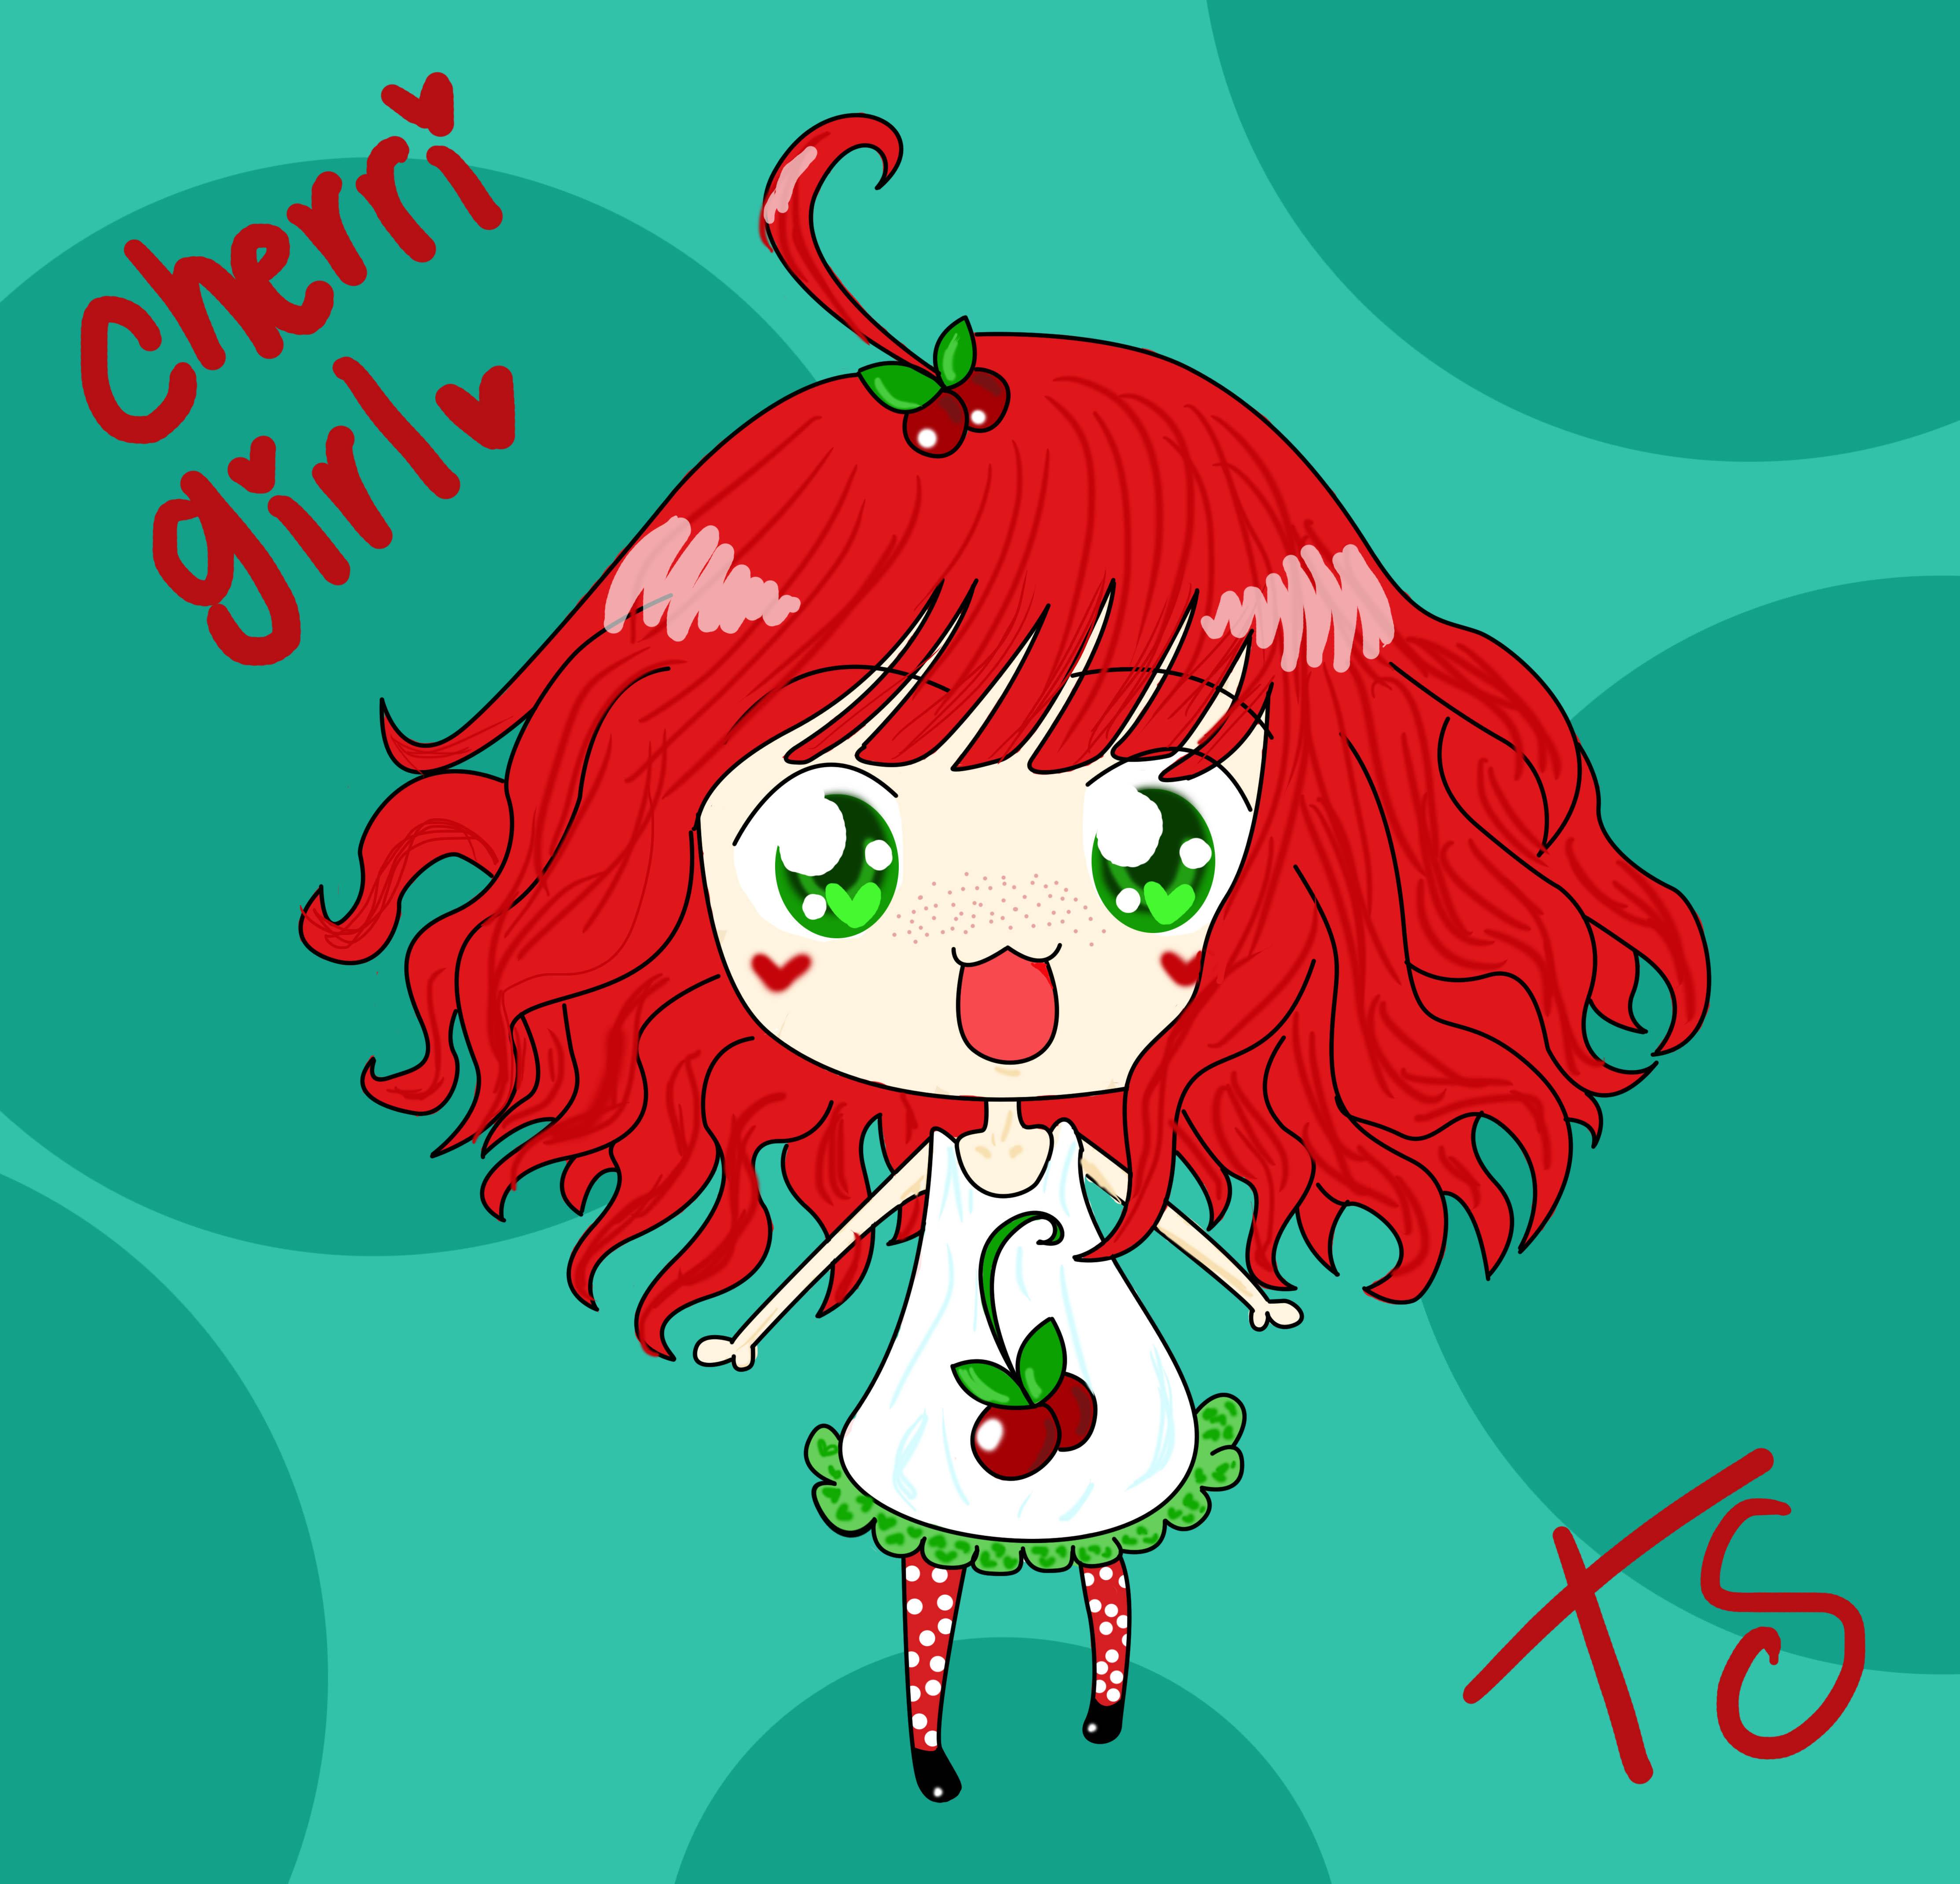 cherry girl chibi by tsubasachroniche